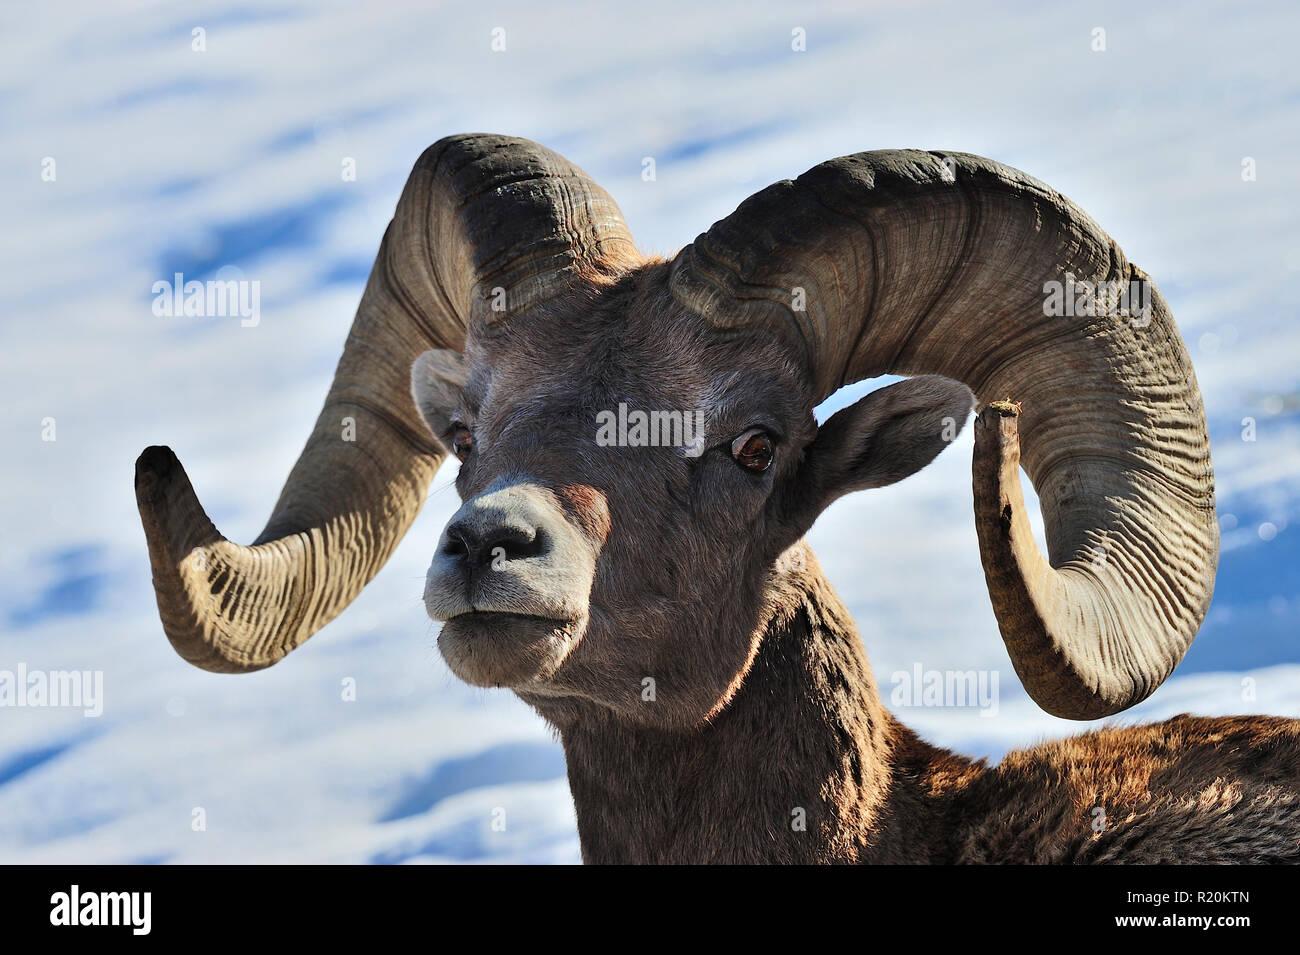 Das Porträt einer männlichen rocky mountain Bighorn sheep'Ovis canadensis', in ländlichen Alberta Kanada Stockbild